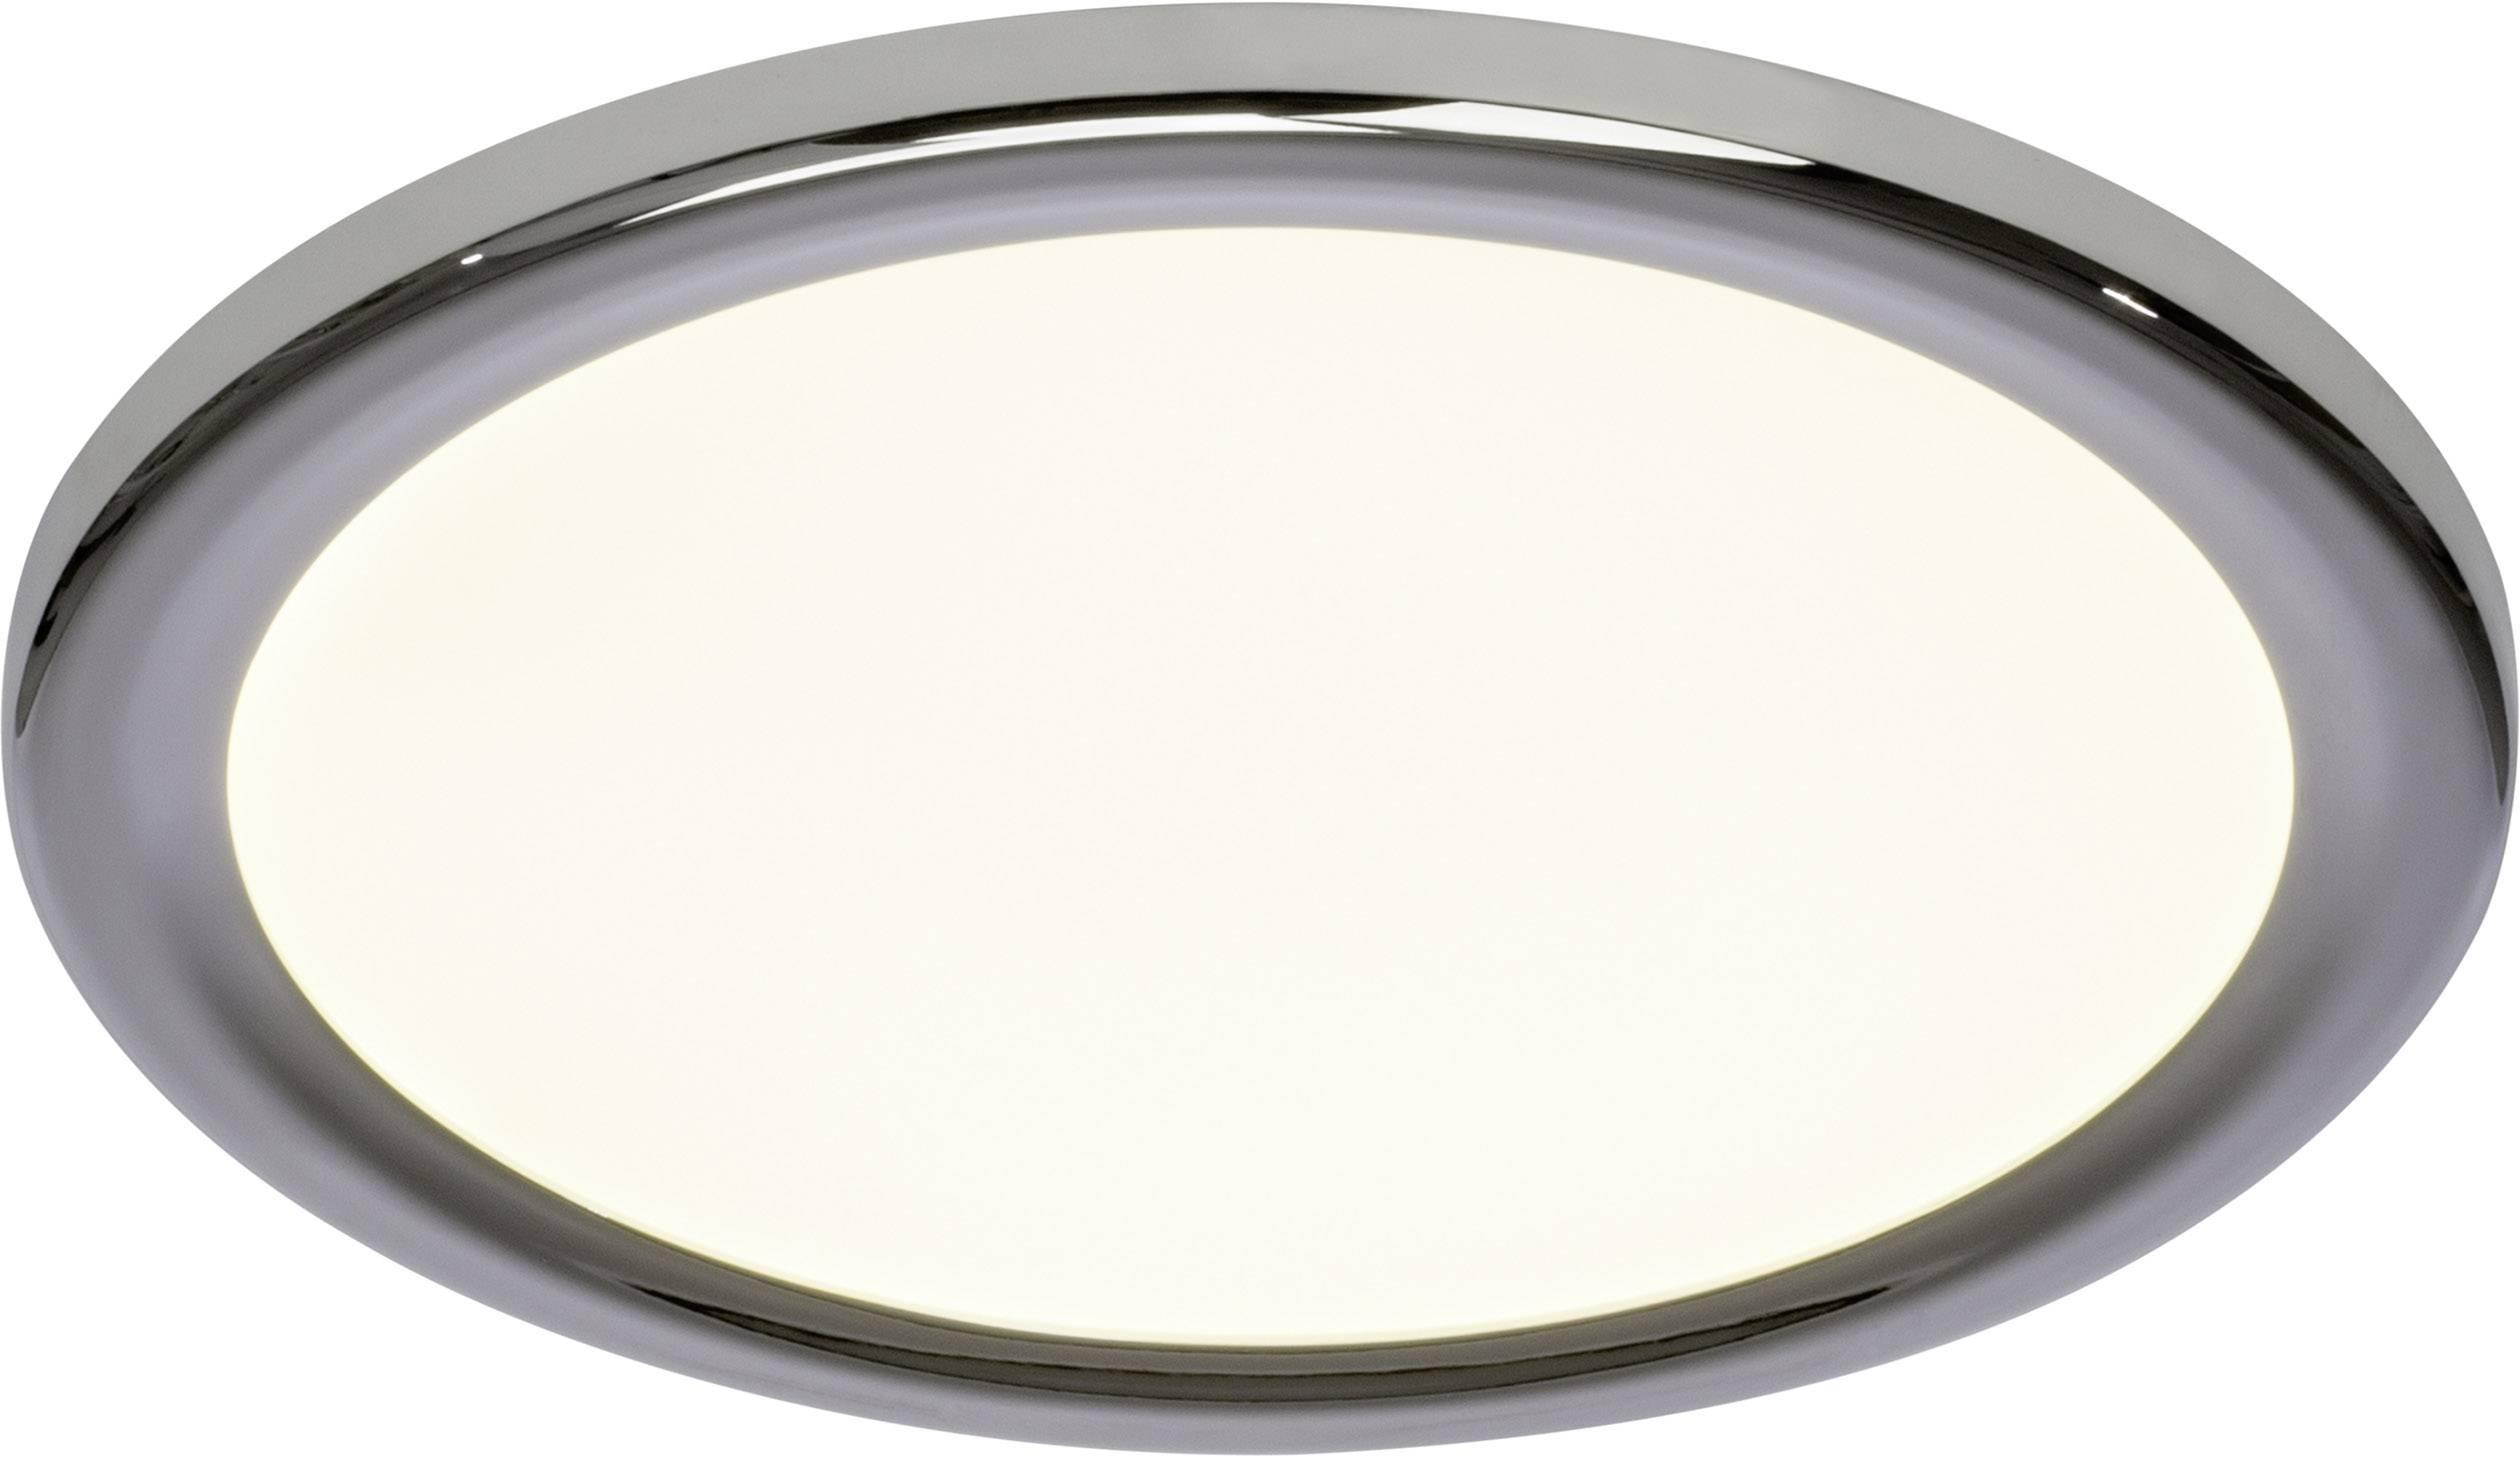 Led pour salle de bain eclairage led salle de bain luxe for Carrelage adhesif salle de bain avec ampoule led lustre